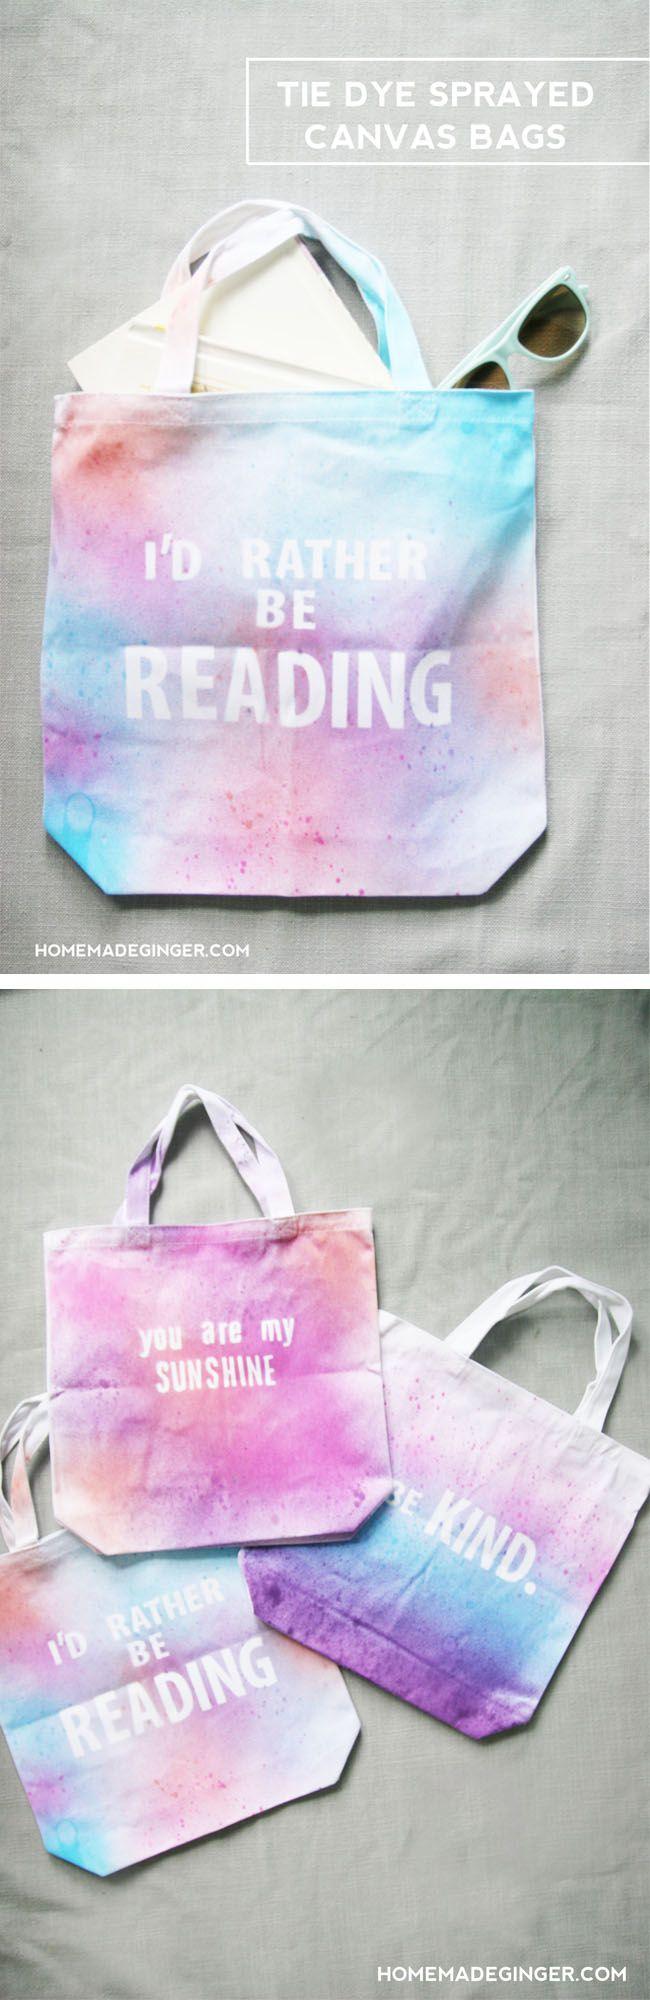 Tie Dye Sprayed Canvas BagsKatie Bennett